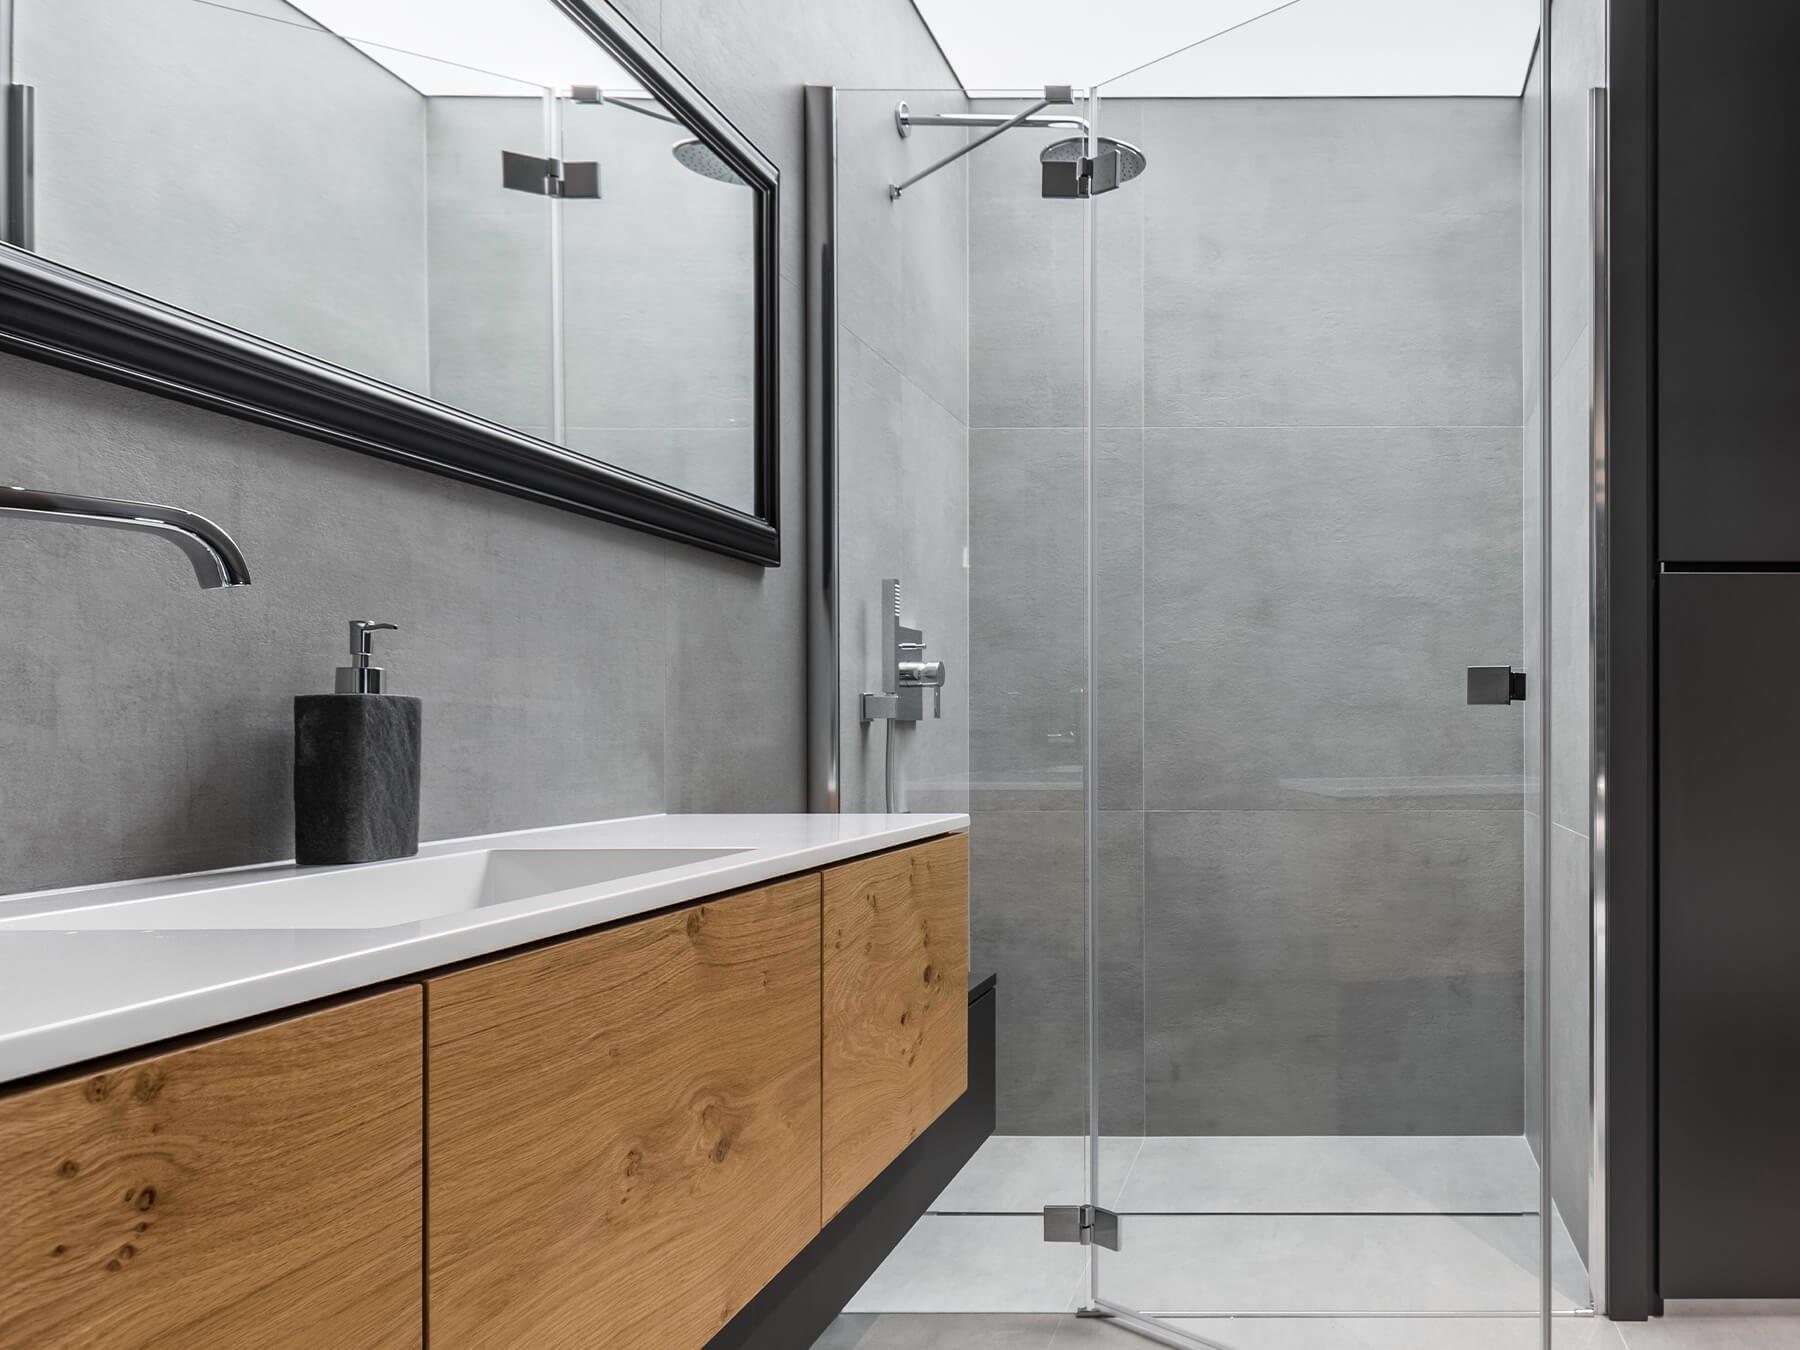 Nischendusche mit einem Festteile und einer Tür in modernem Badezimmer